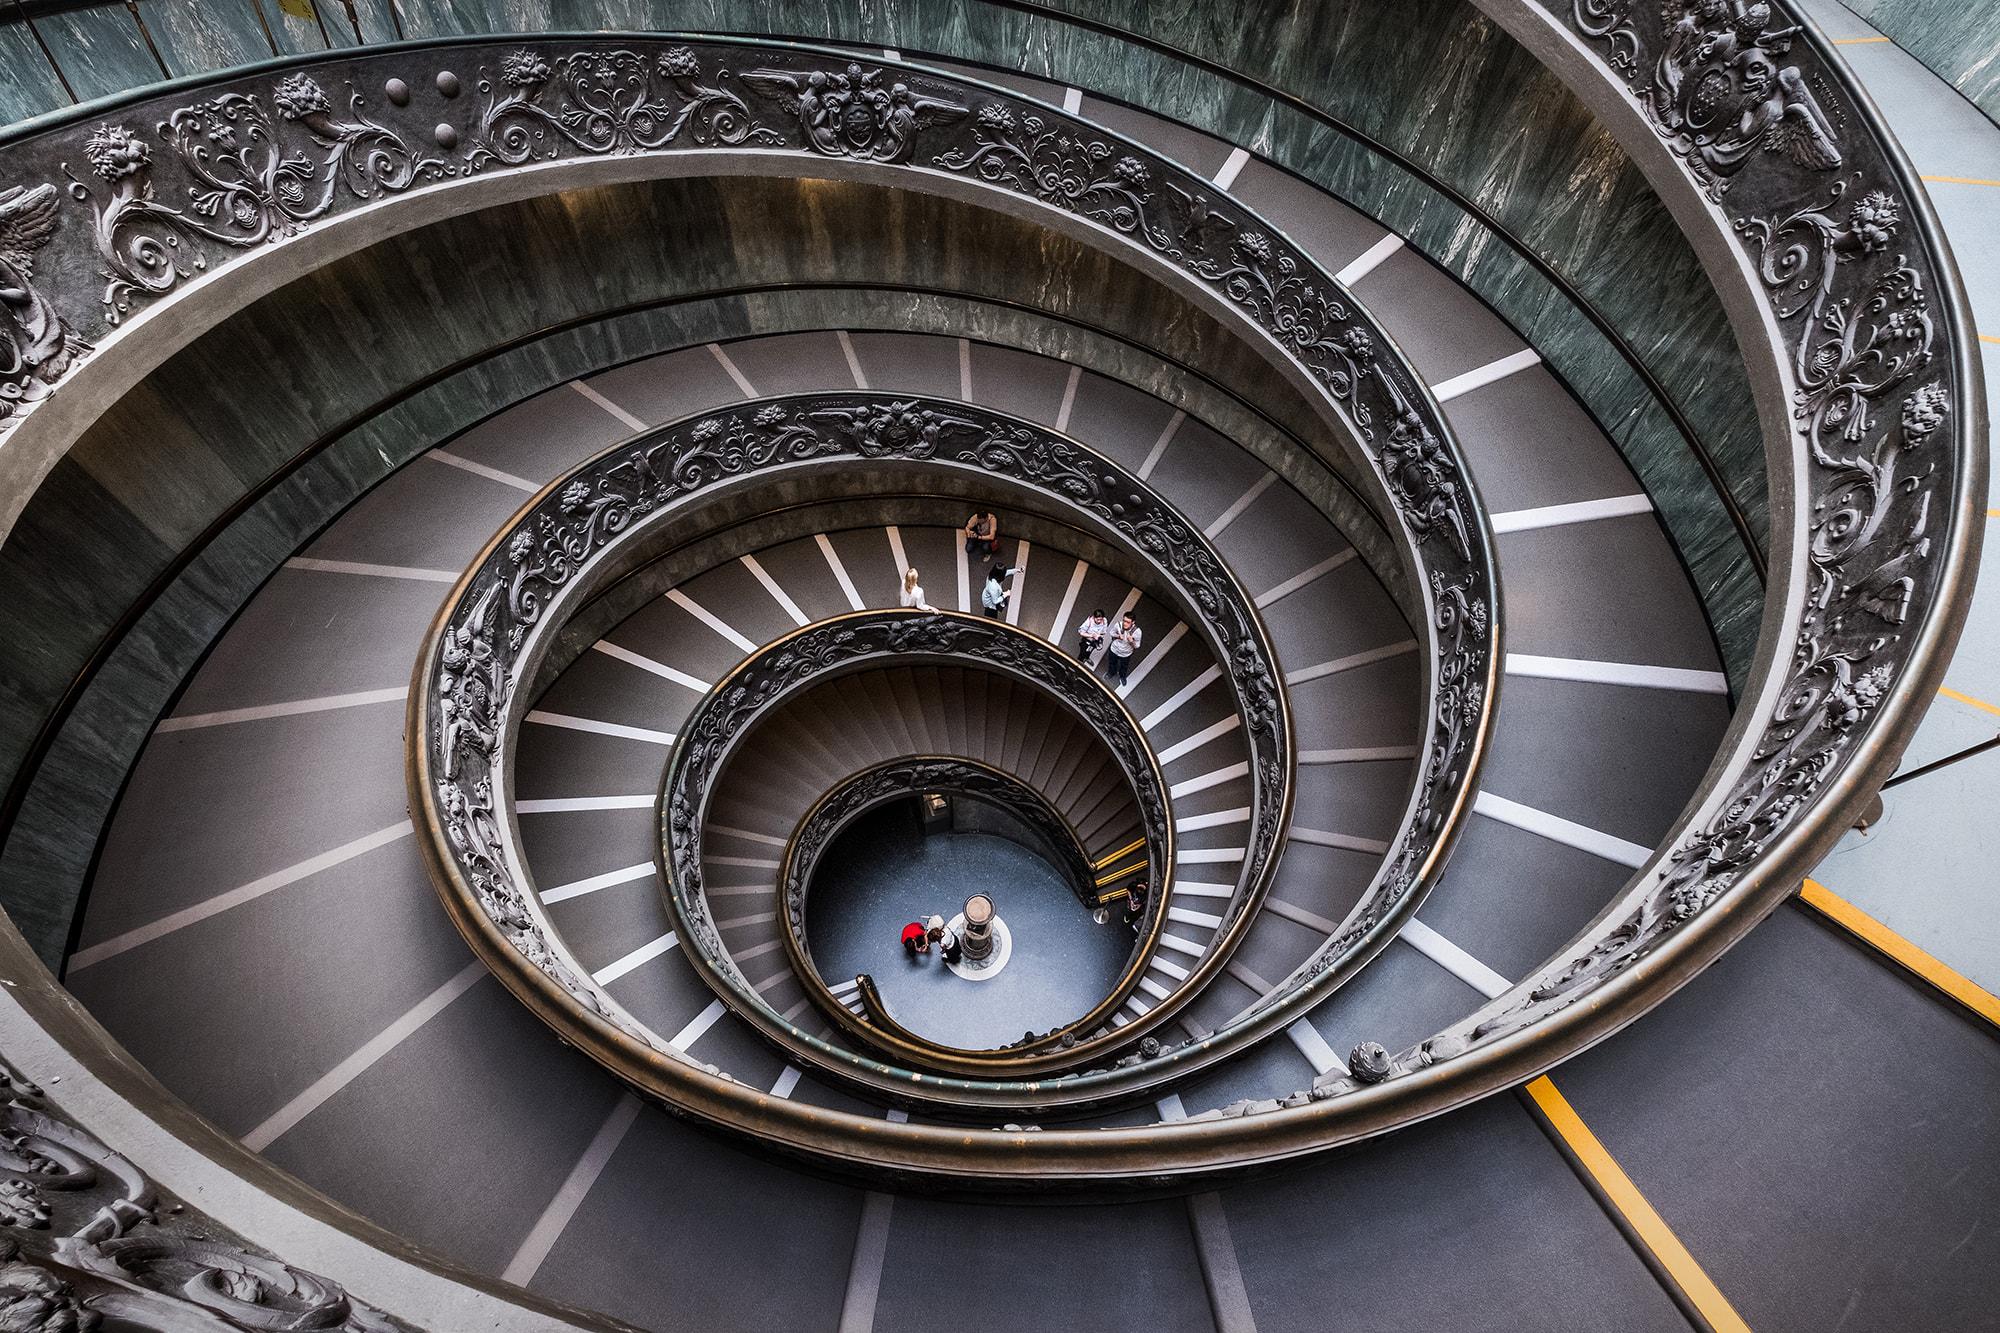 El gran angular da amplitud en las fotos de arquitectura